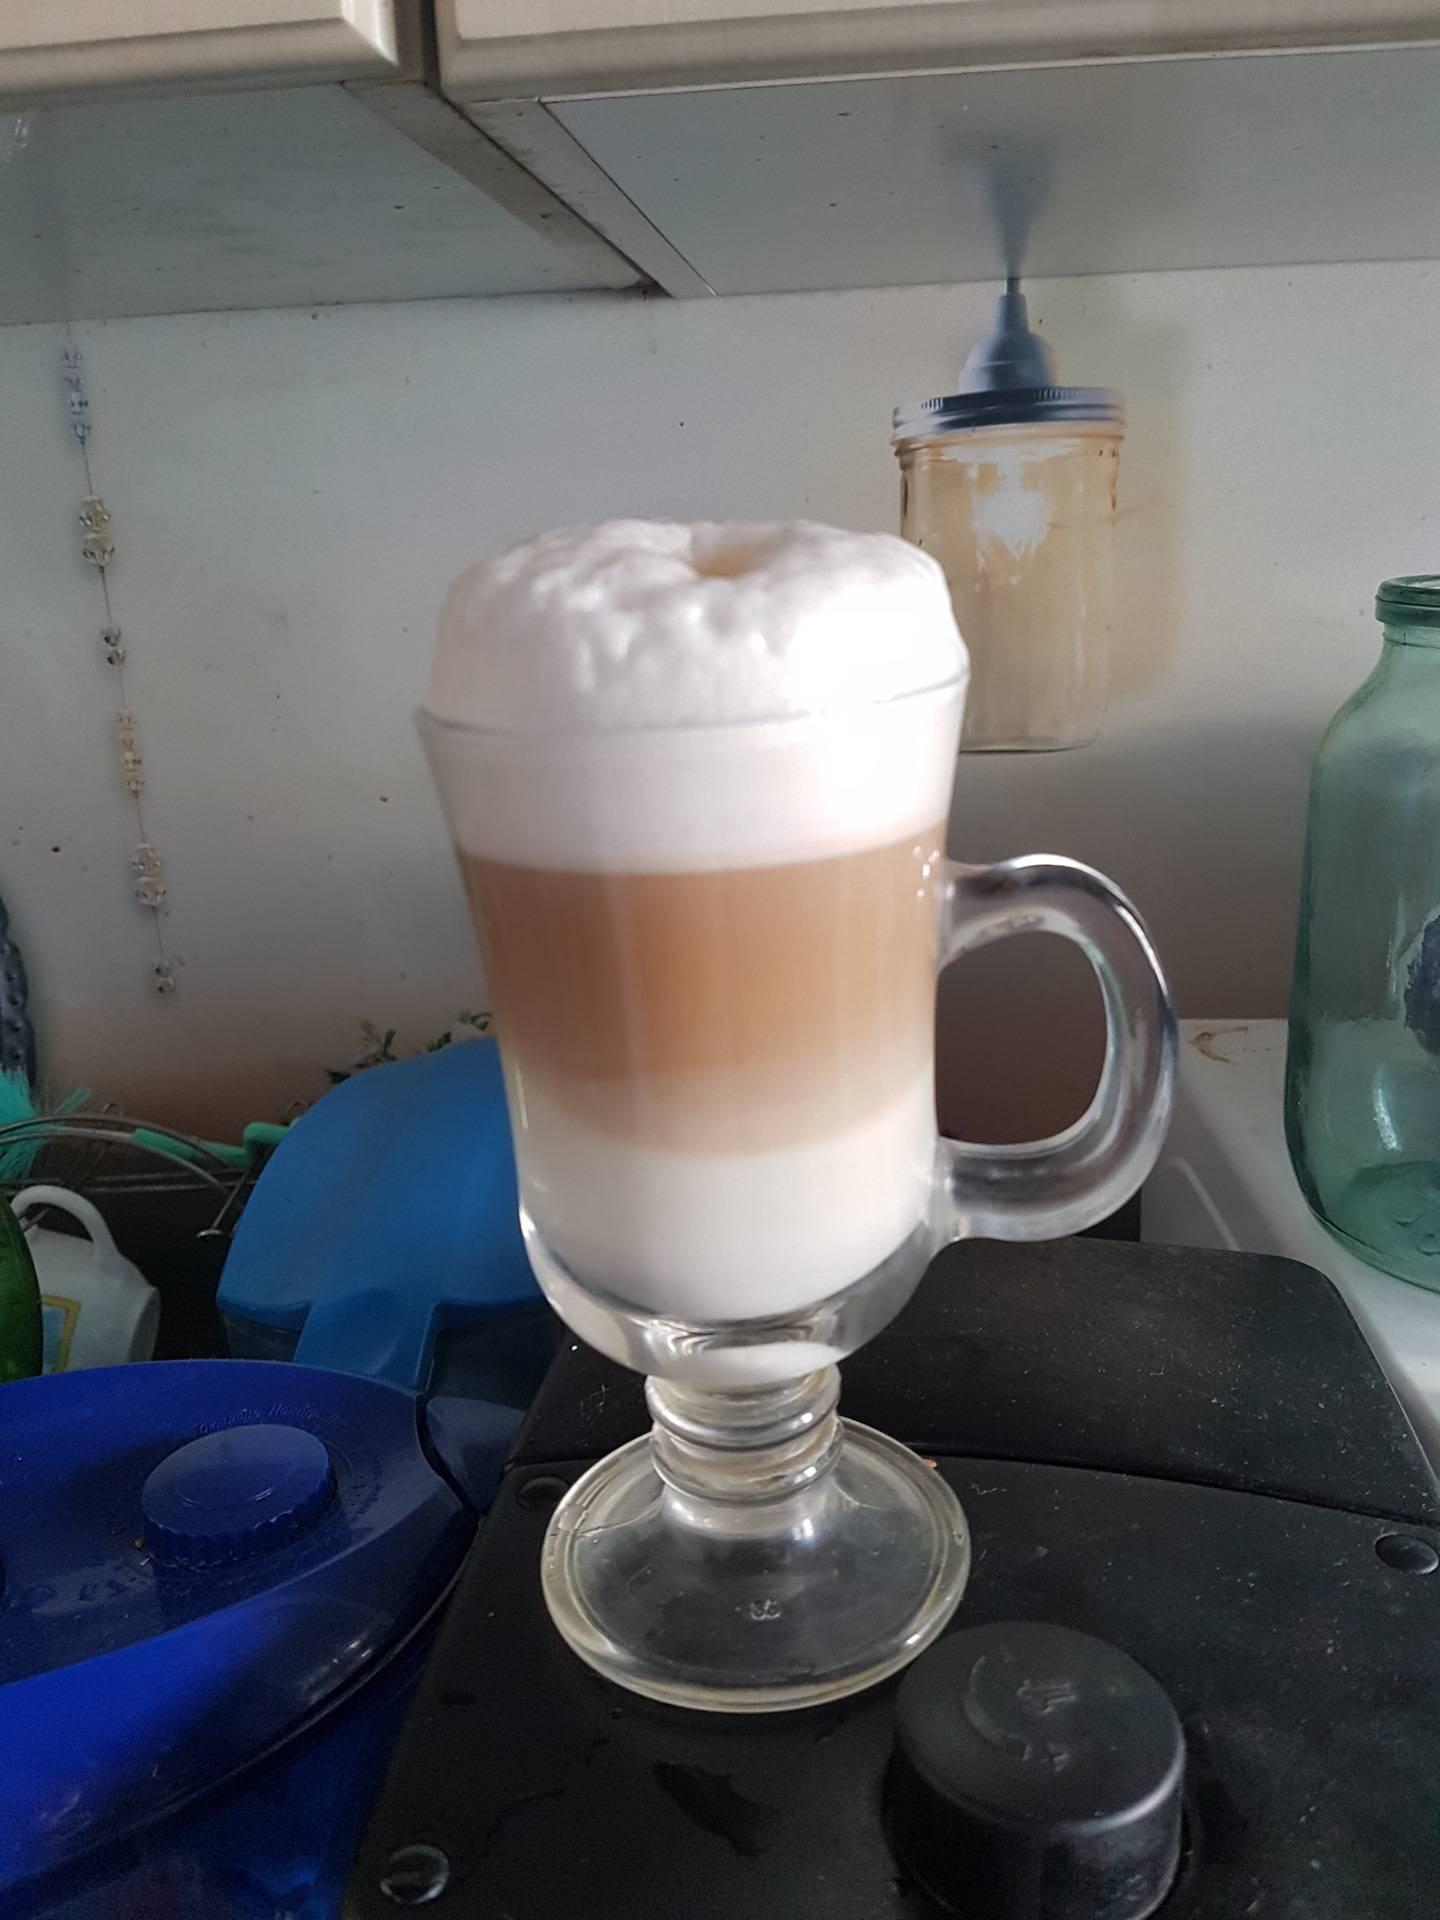 Как приготовить кофе капучино в домашних условиях -  фото, видео, отзывы